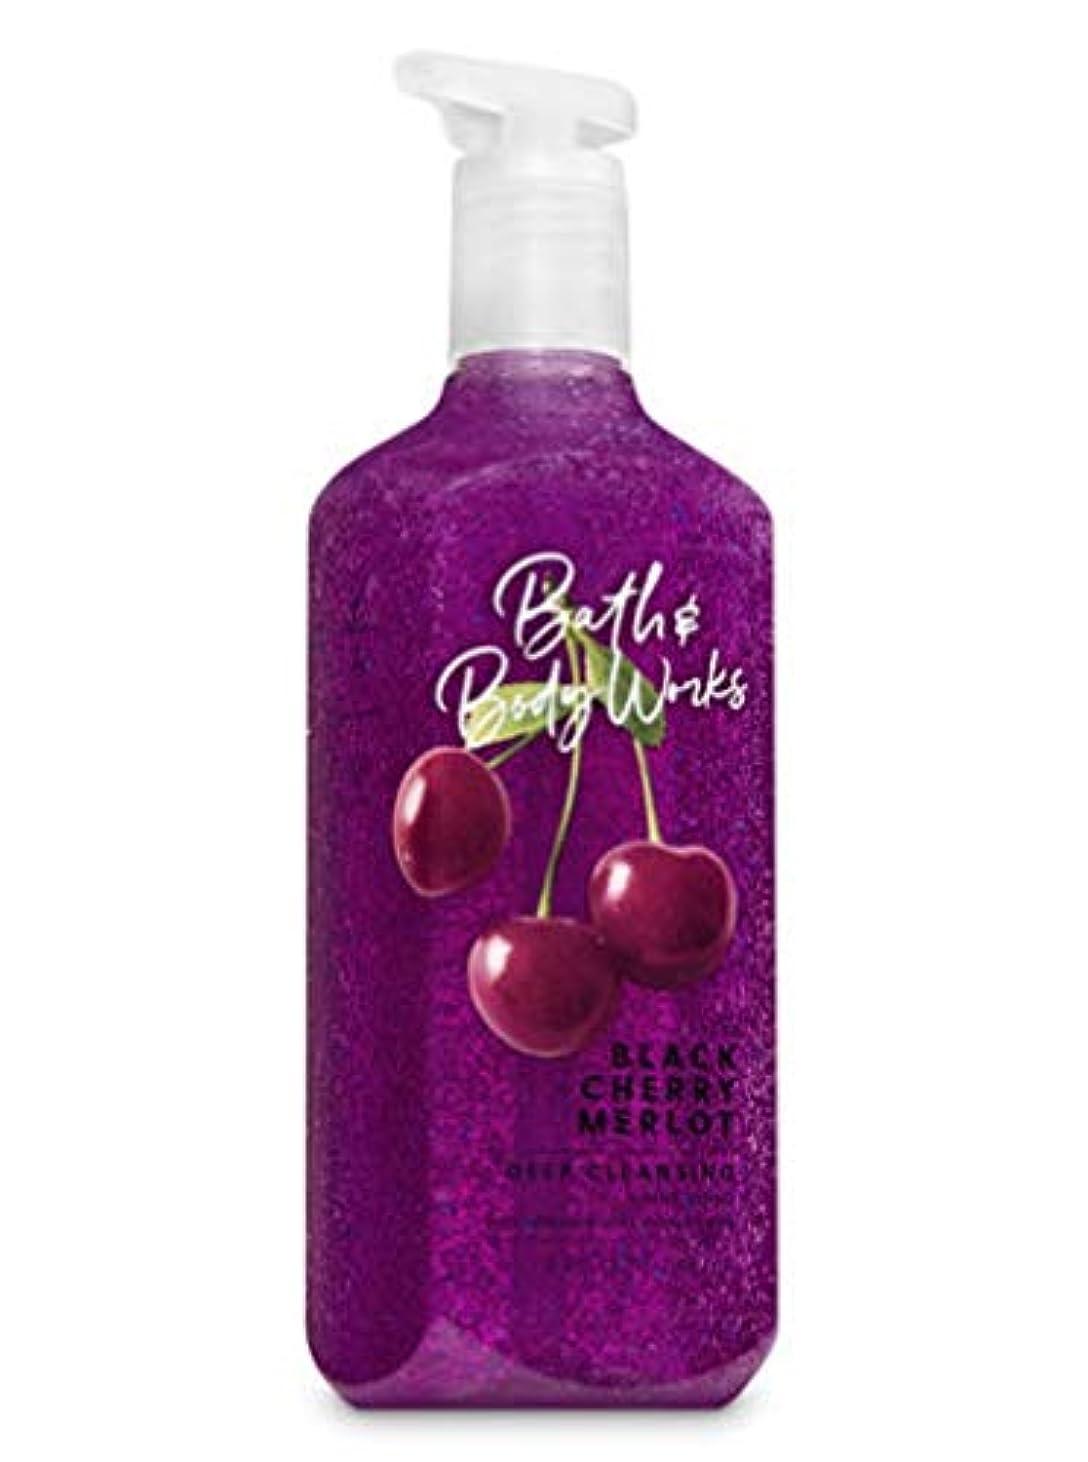 友情裏切り介入するバス&ボディワークス ブラックチェリー マーロット ディープクレンジングハンドソープ Black Cherry Merlot Deep Cleansing Hand Soap